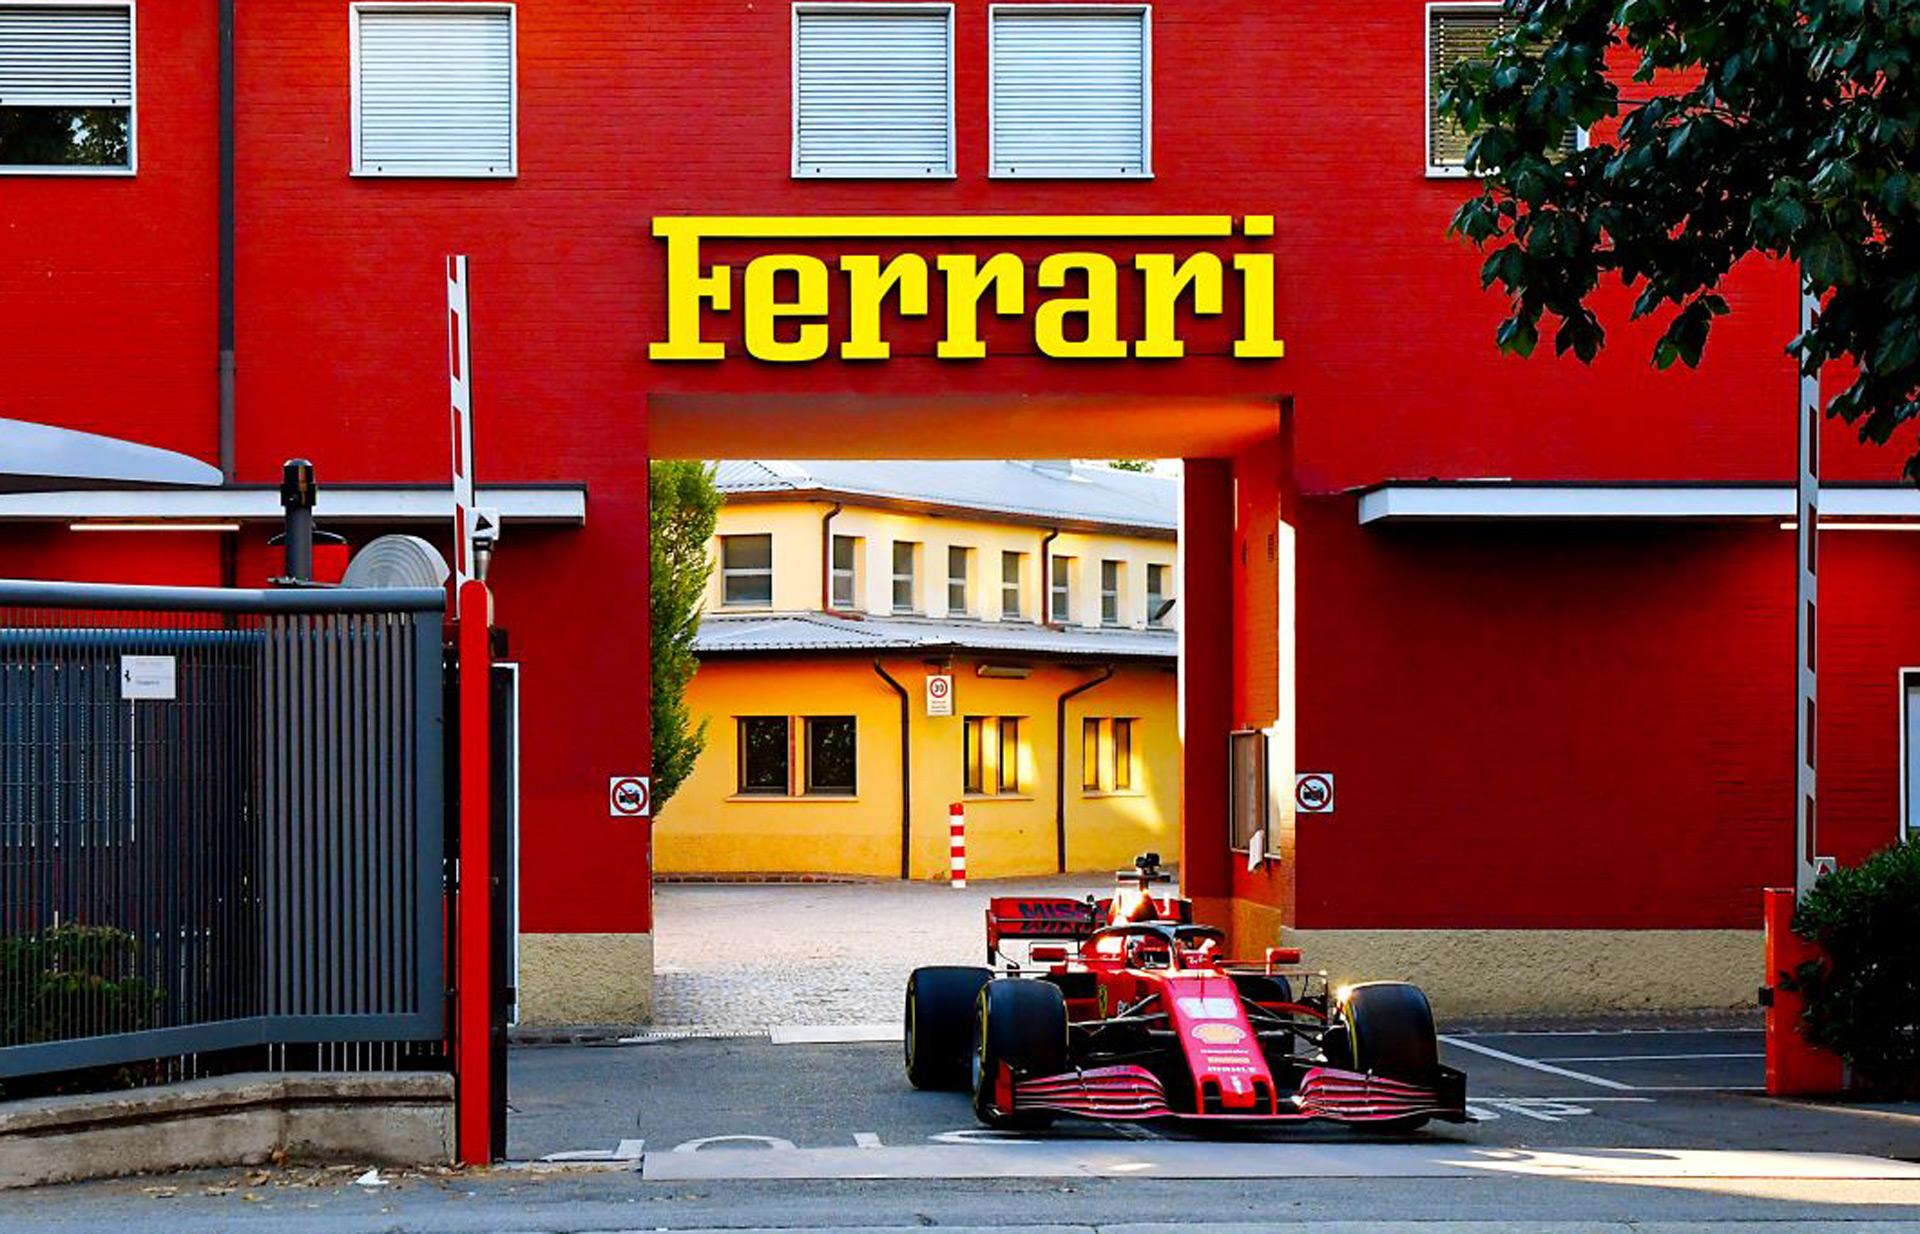 Charles Leclerc Drives His 2020 Ferrari F1 Car Through The Streets Of Maranello